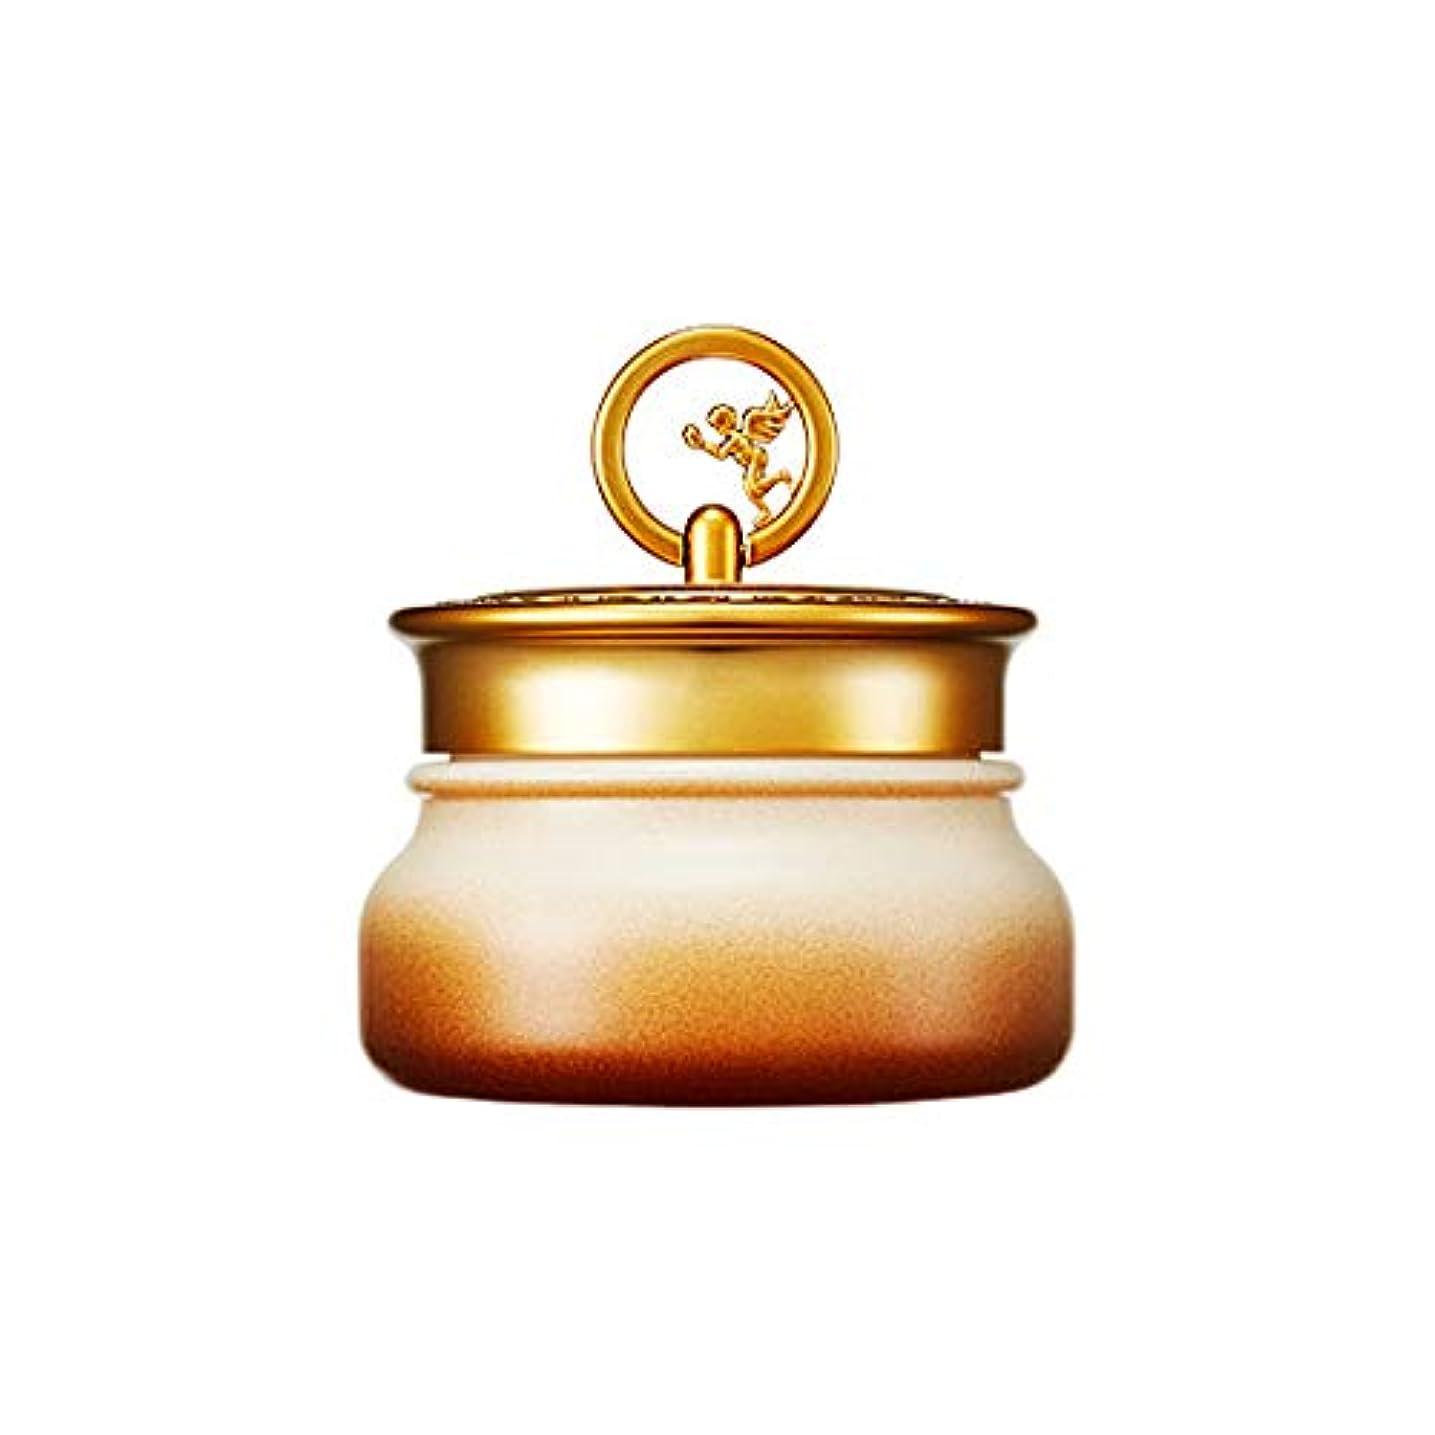 ストレッチ比率襲撃Skinfood ゴールドキャビアクリーム(しわケア) / Gold Caviar Cream (wrinkle care) 45g [並行輸入品]